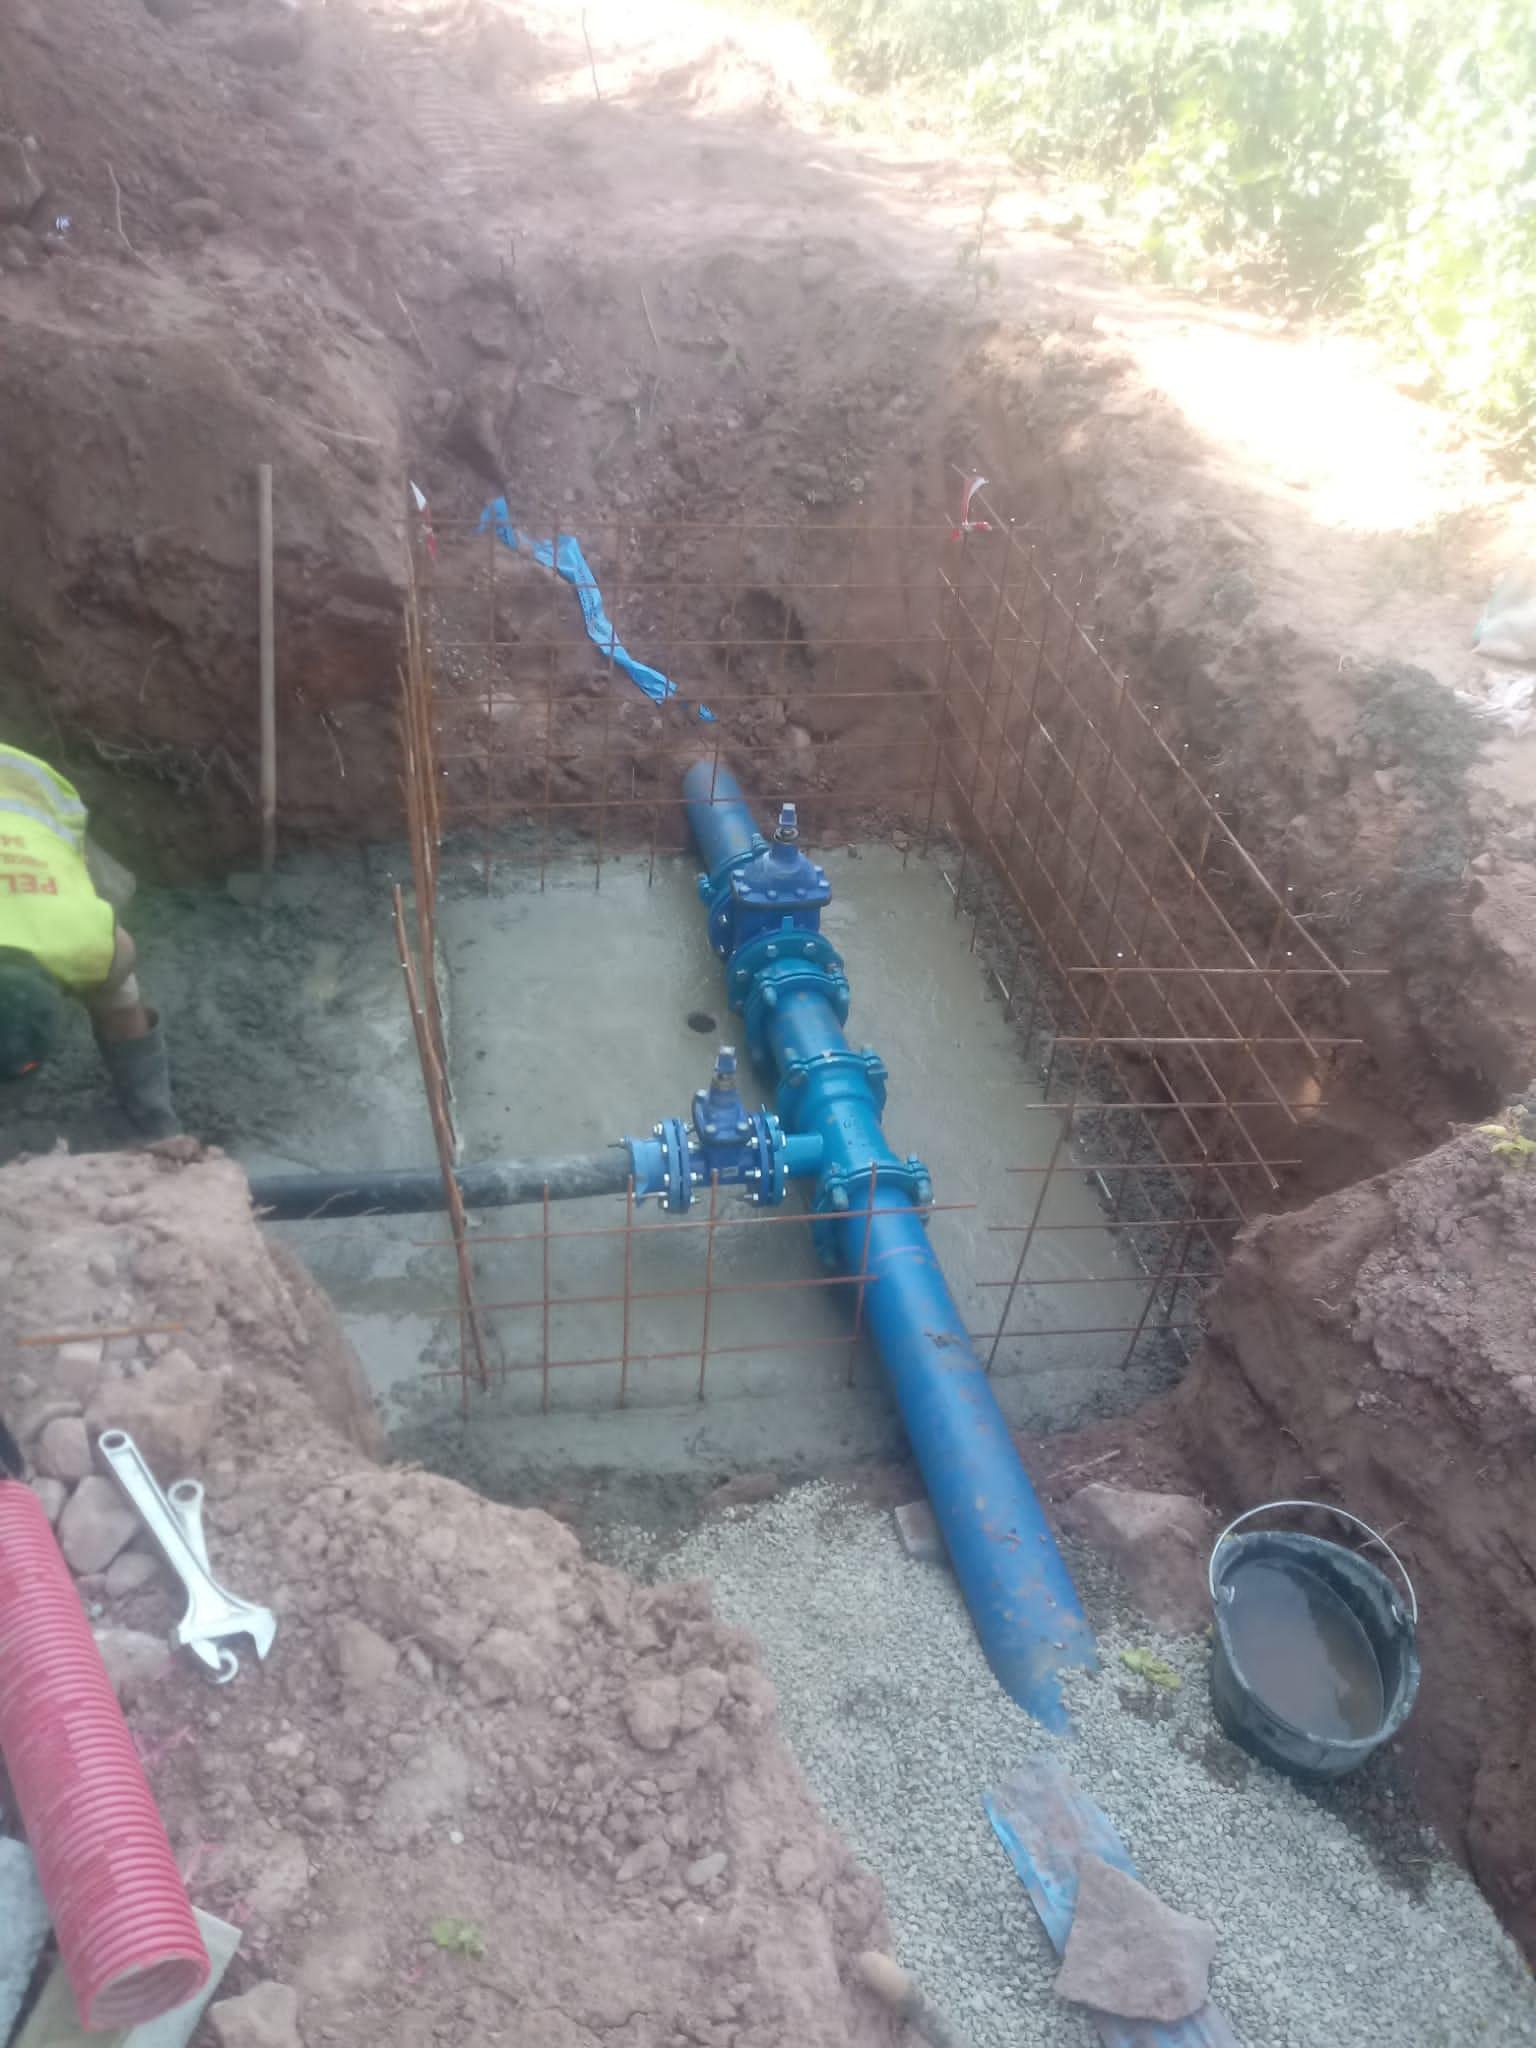 Finaliza la obra de renovación de una tubería para mejorar el abastecimiento de agua en Badarán 2